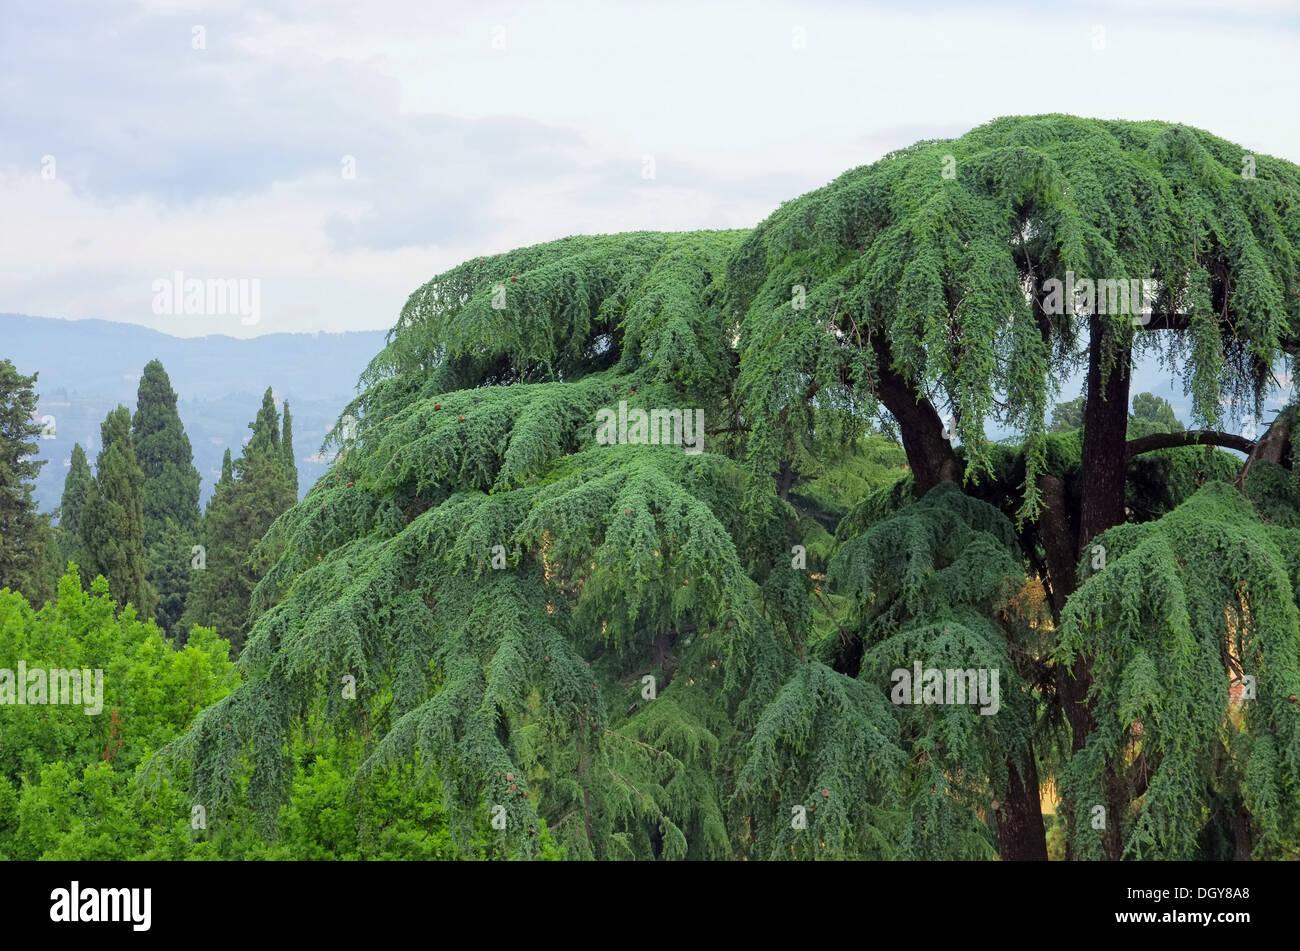 Zeder - cedar 29 - Stock Image